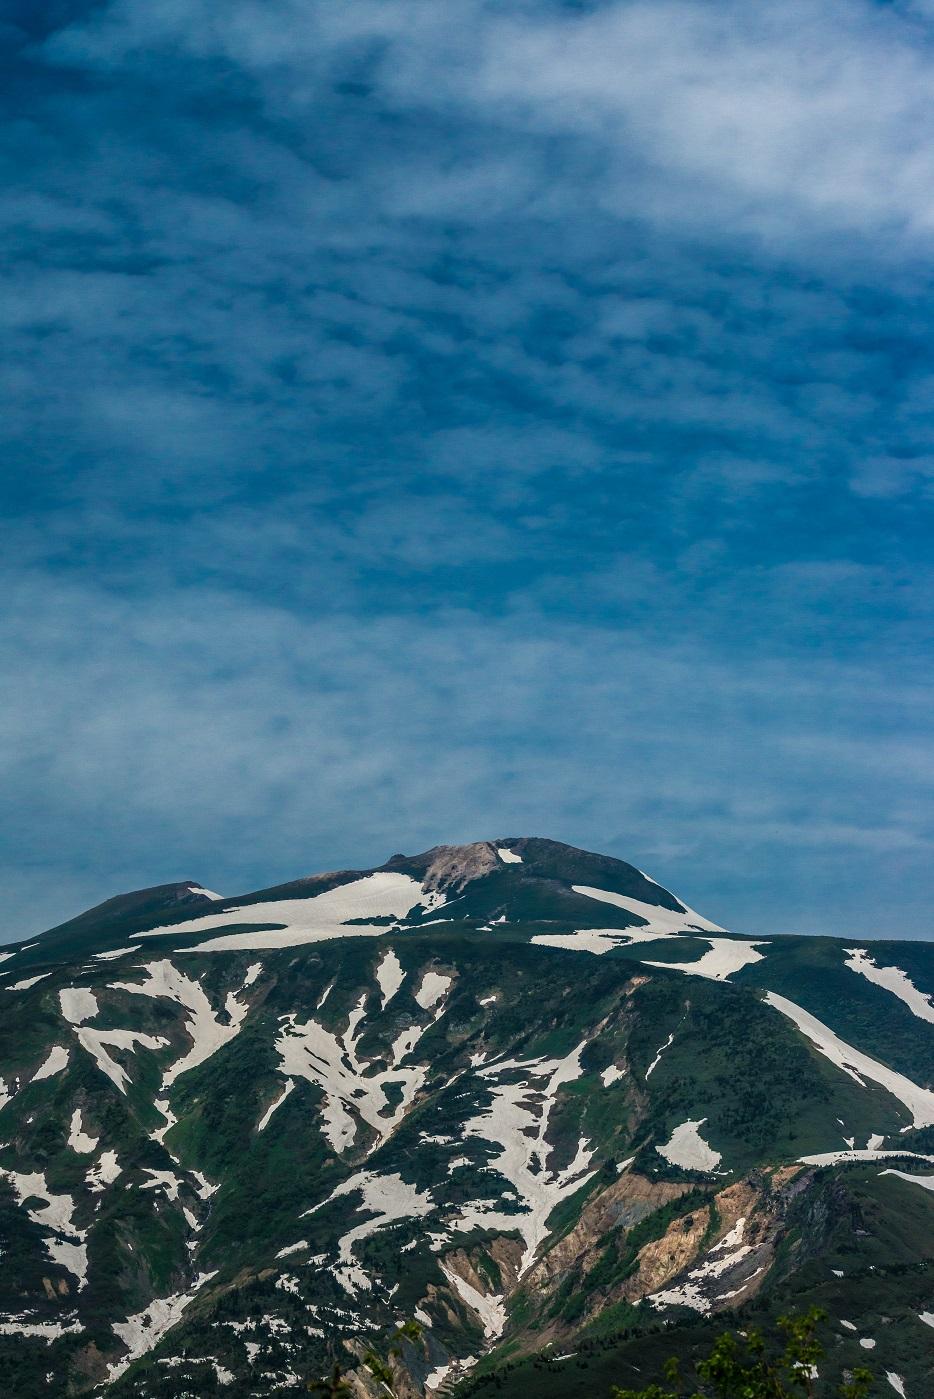 2015.06.11チブリ尾根のブナ原生林と白山眺望34